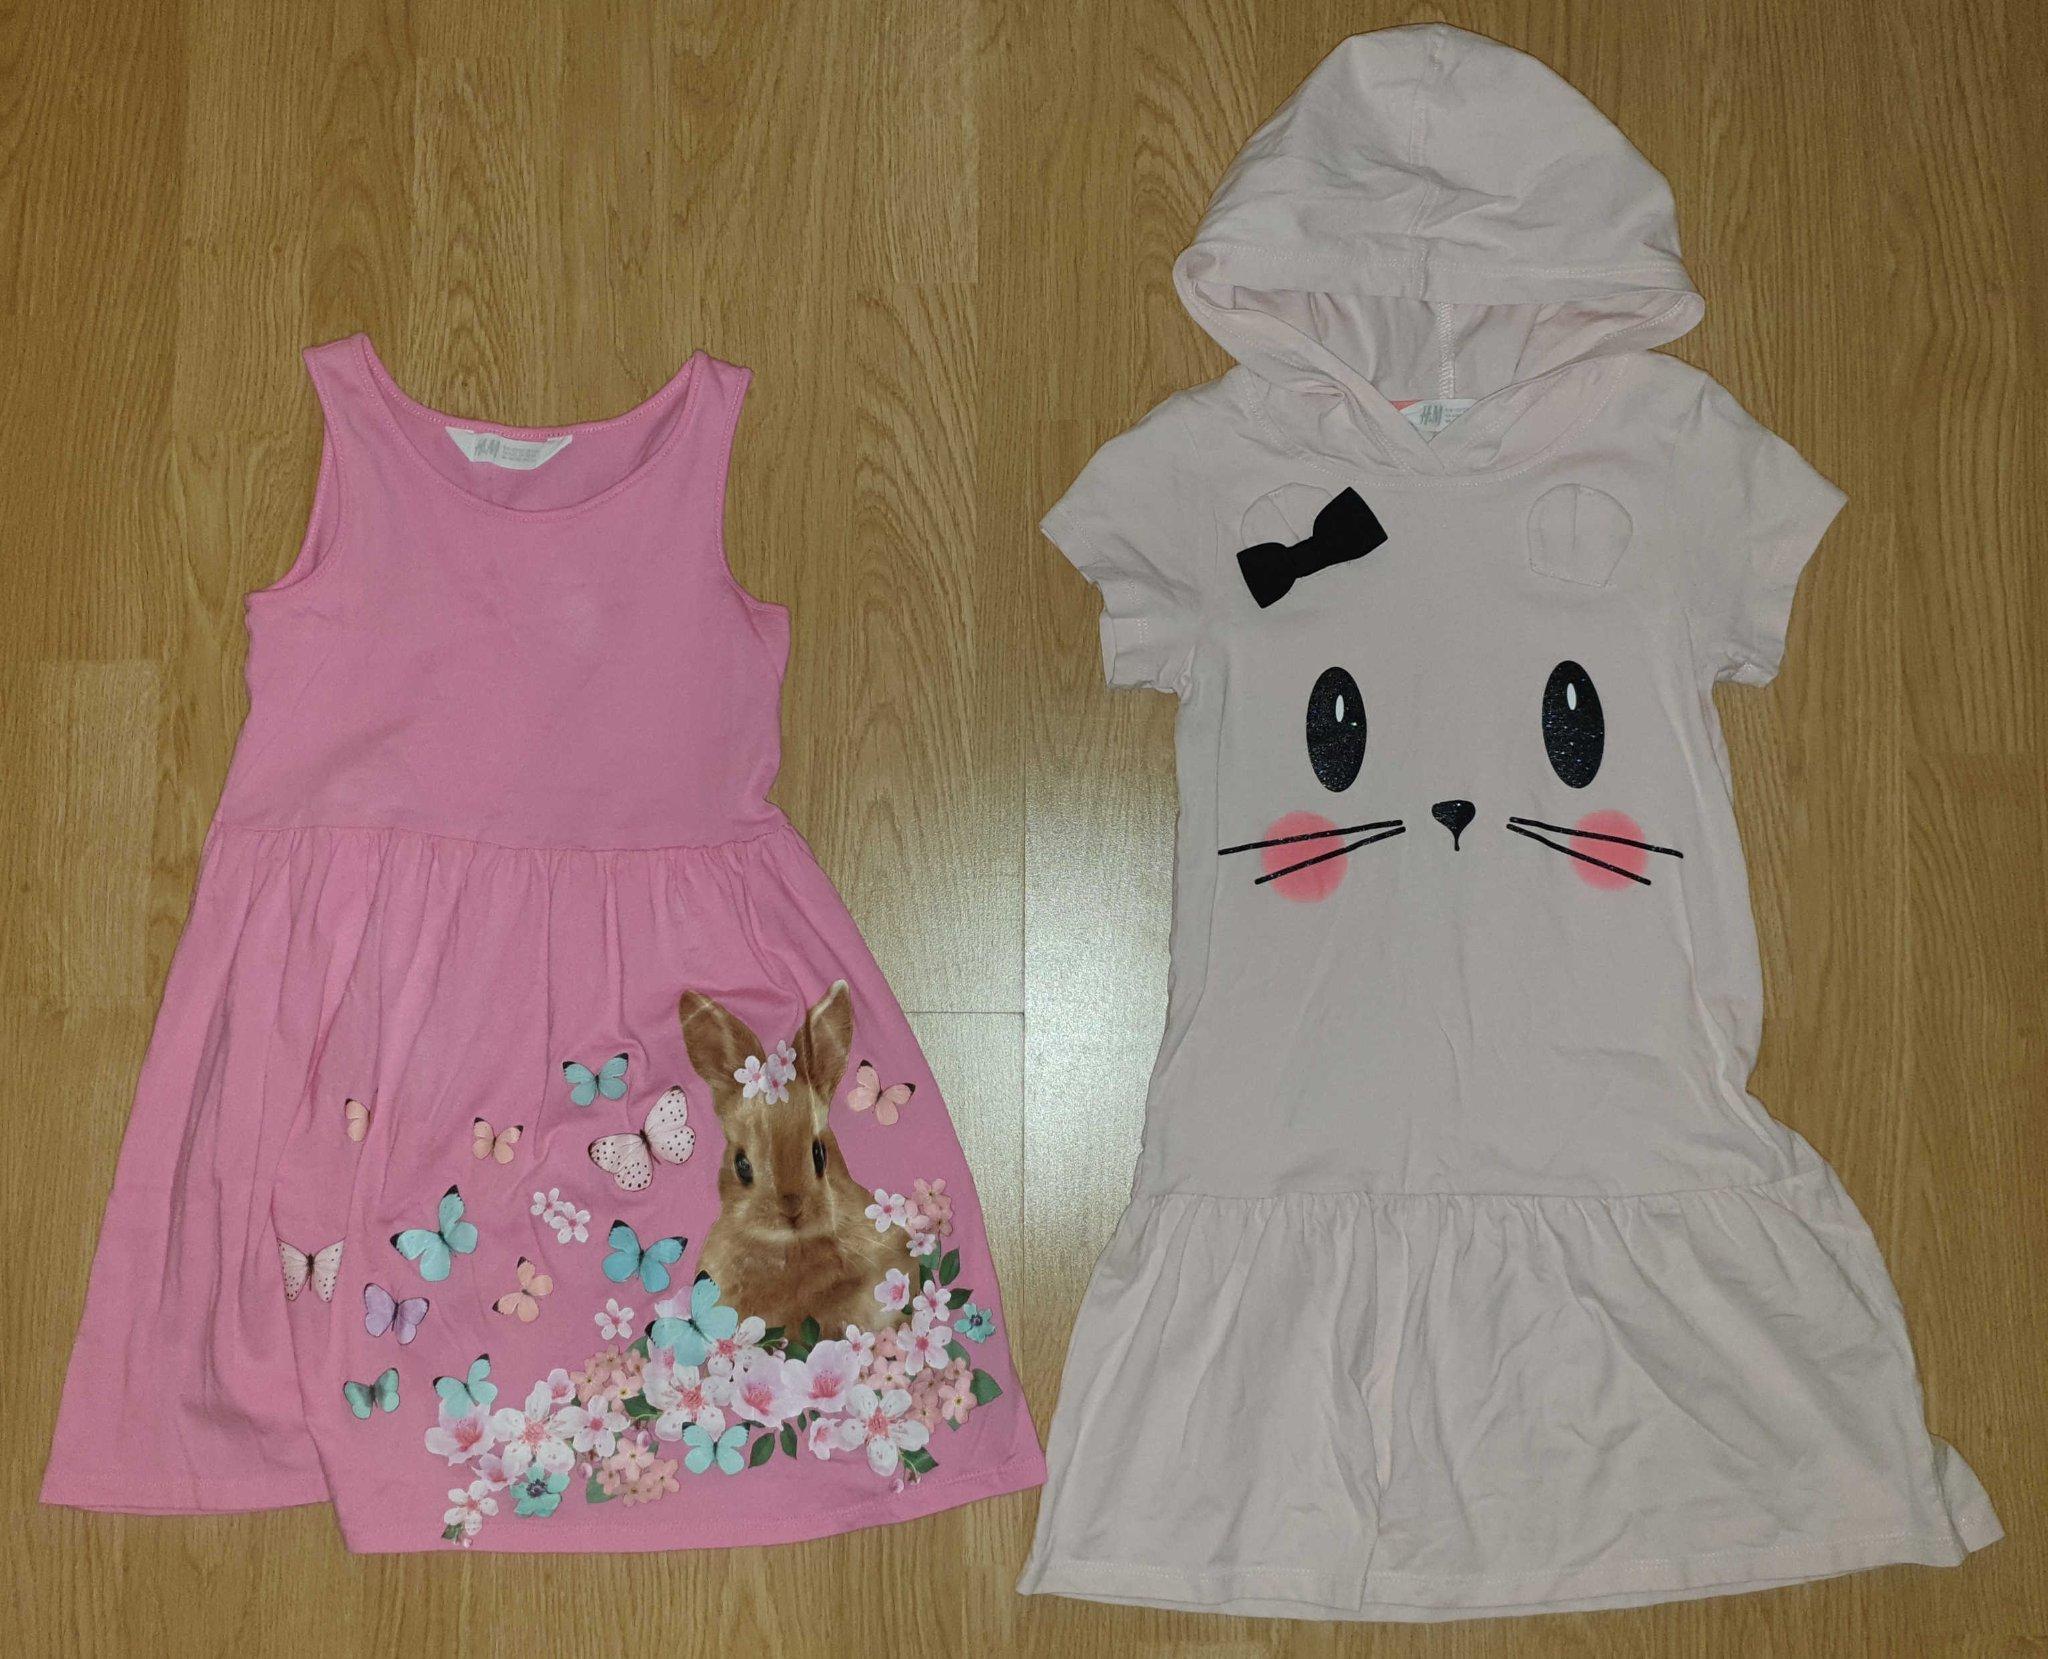 fdcd2325b417 2st fina klänningar från h&m i 122/128 (347788887) ᐈ Köp på Tradera